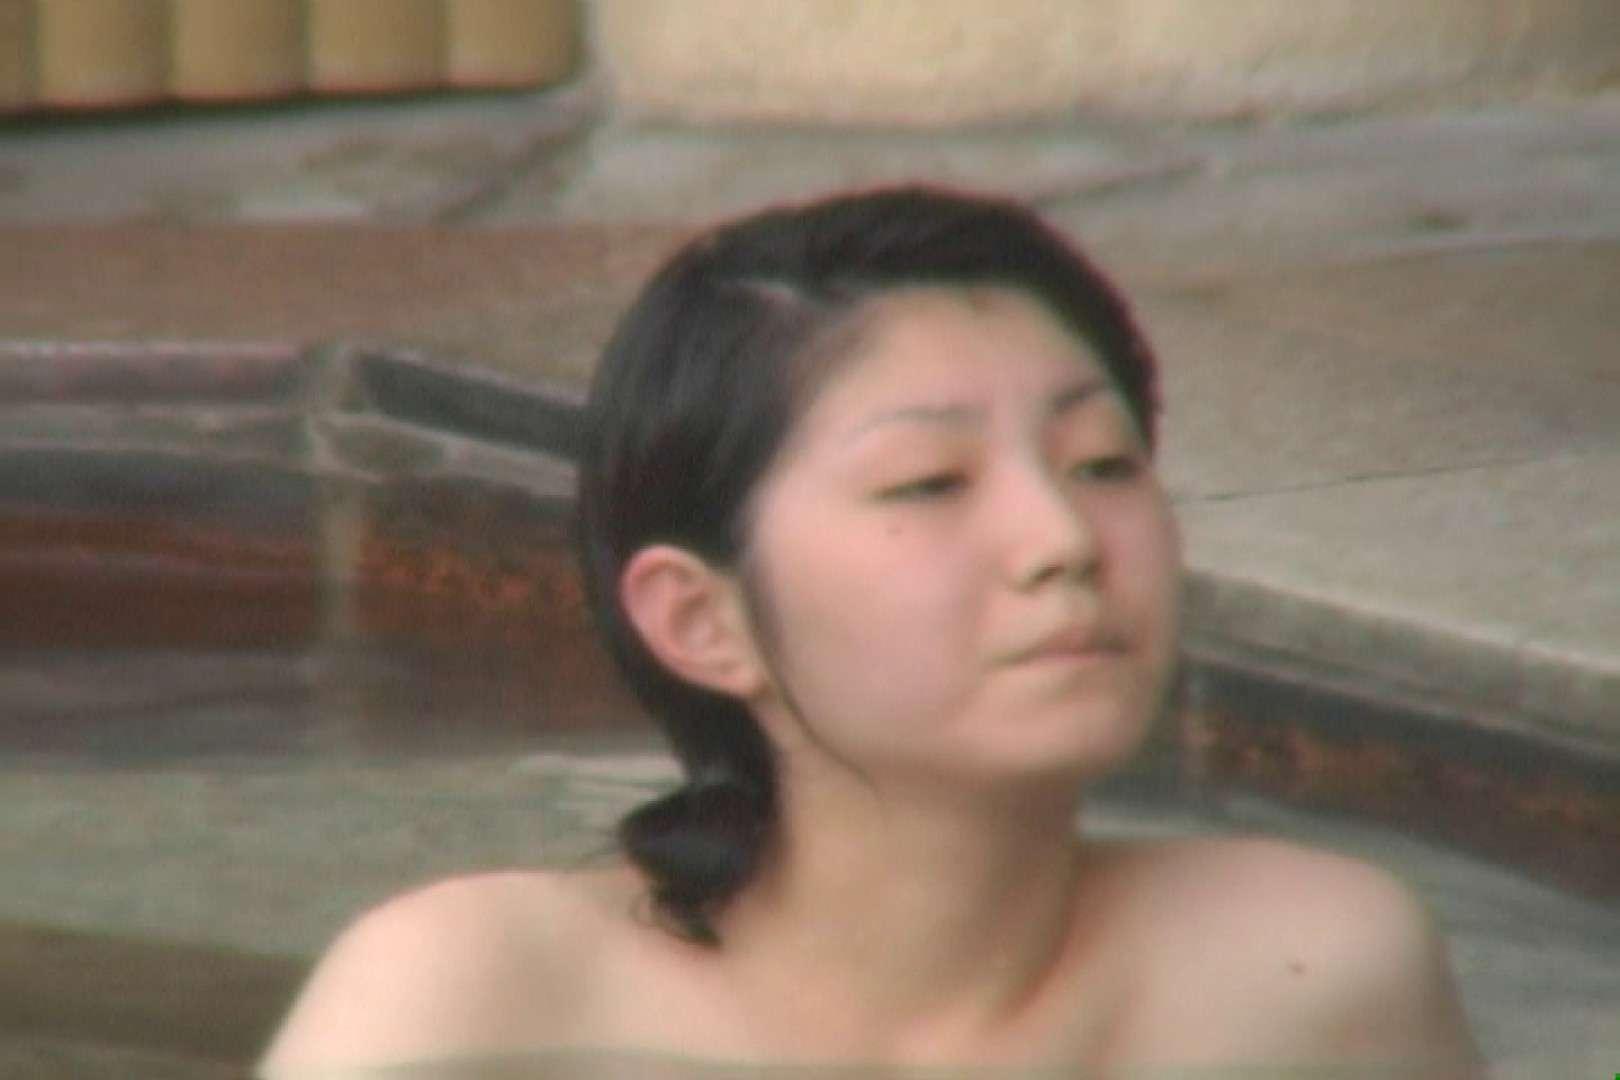 Aquaな露天風呂Vol.579 女体盗撮 隠し撮りオマンコ動画紹介 72連発 53